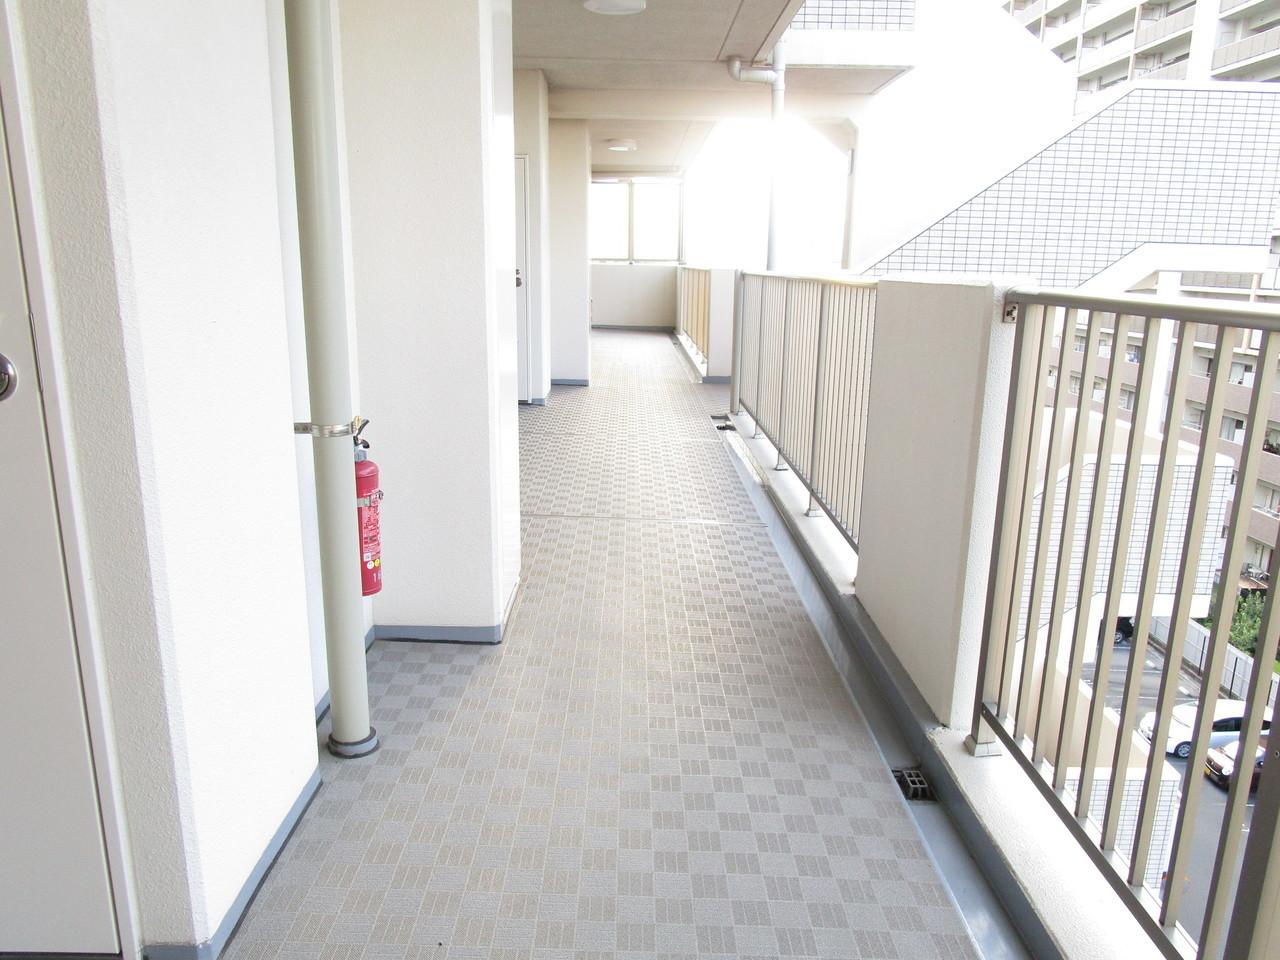 ベビーカーやカートも通行できるワイドな廊下